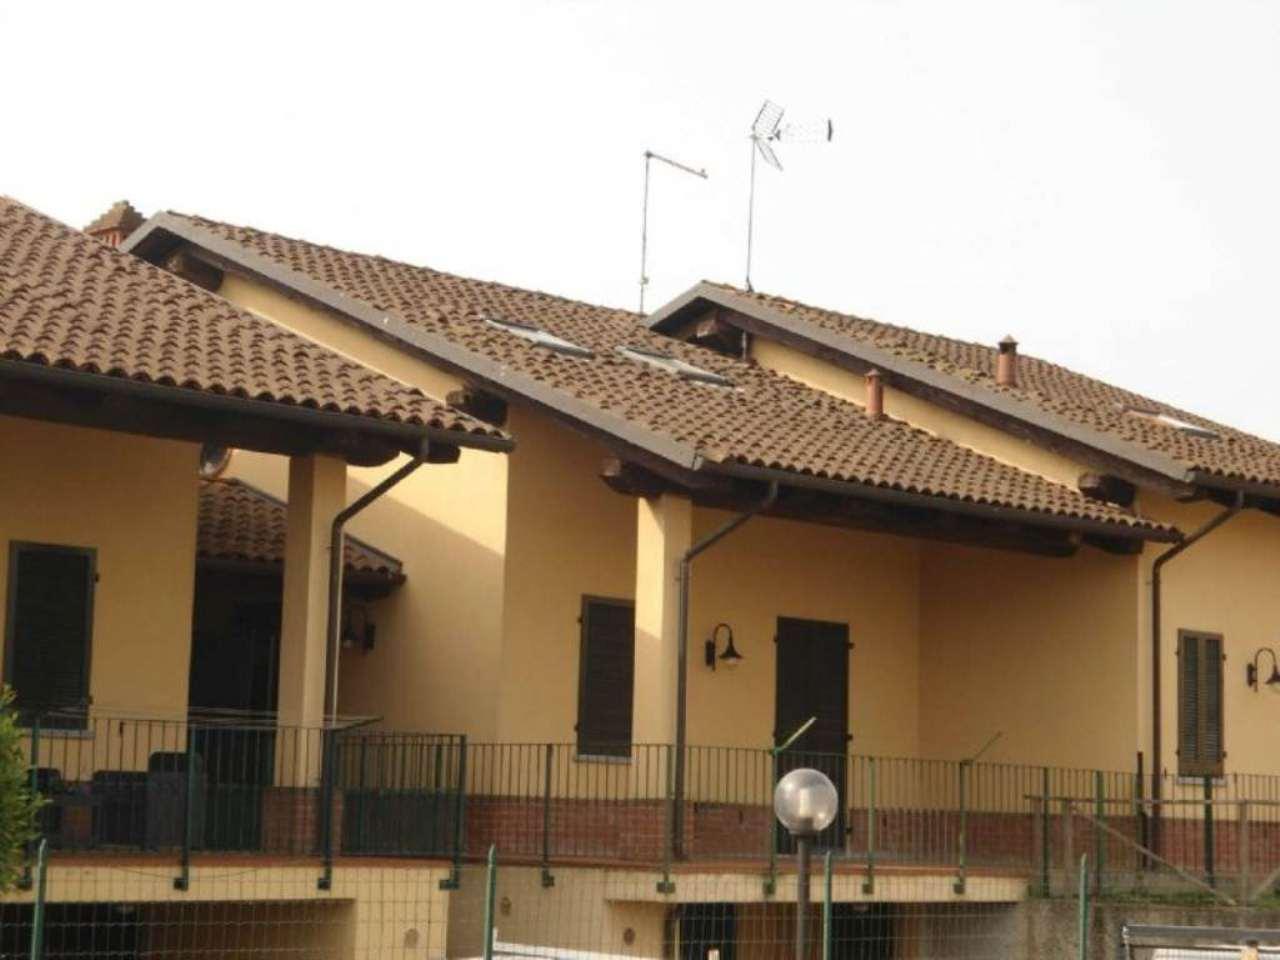 Soluzione Semindipendente in vendita a San Paolo Solbrito, 3 locali, prezzo € 170.000   Cambio Casa.it